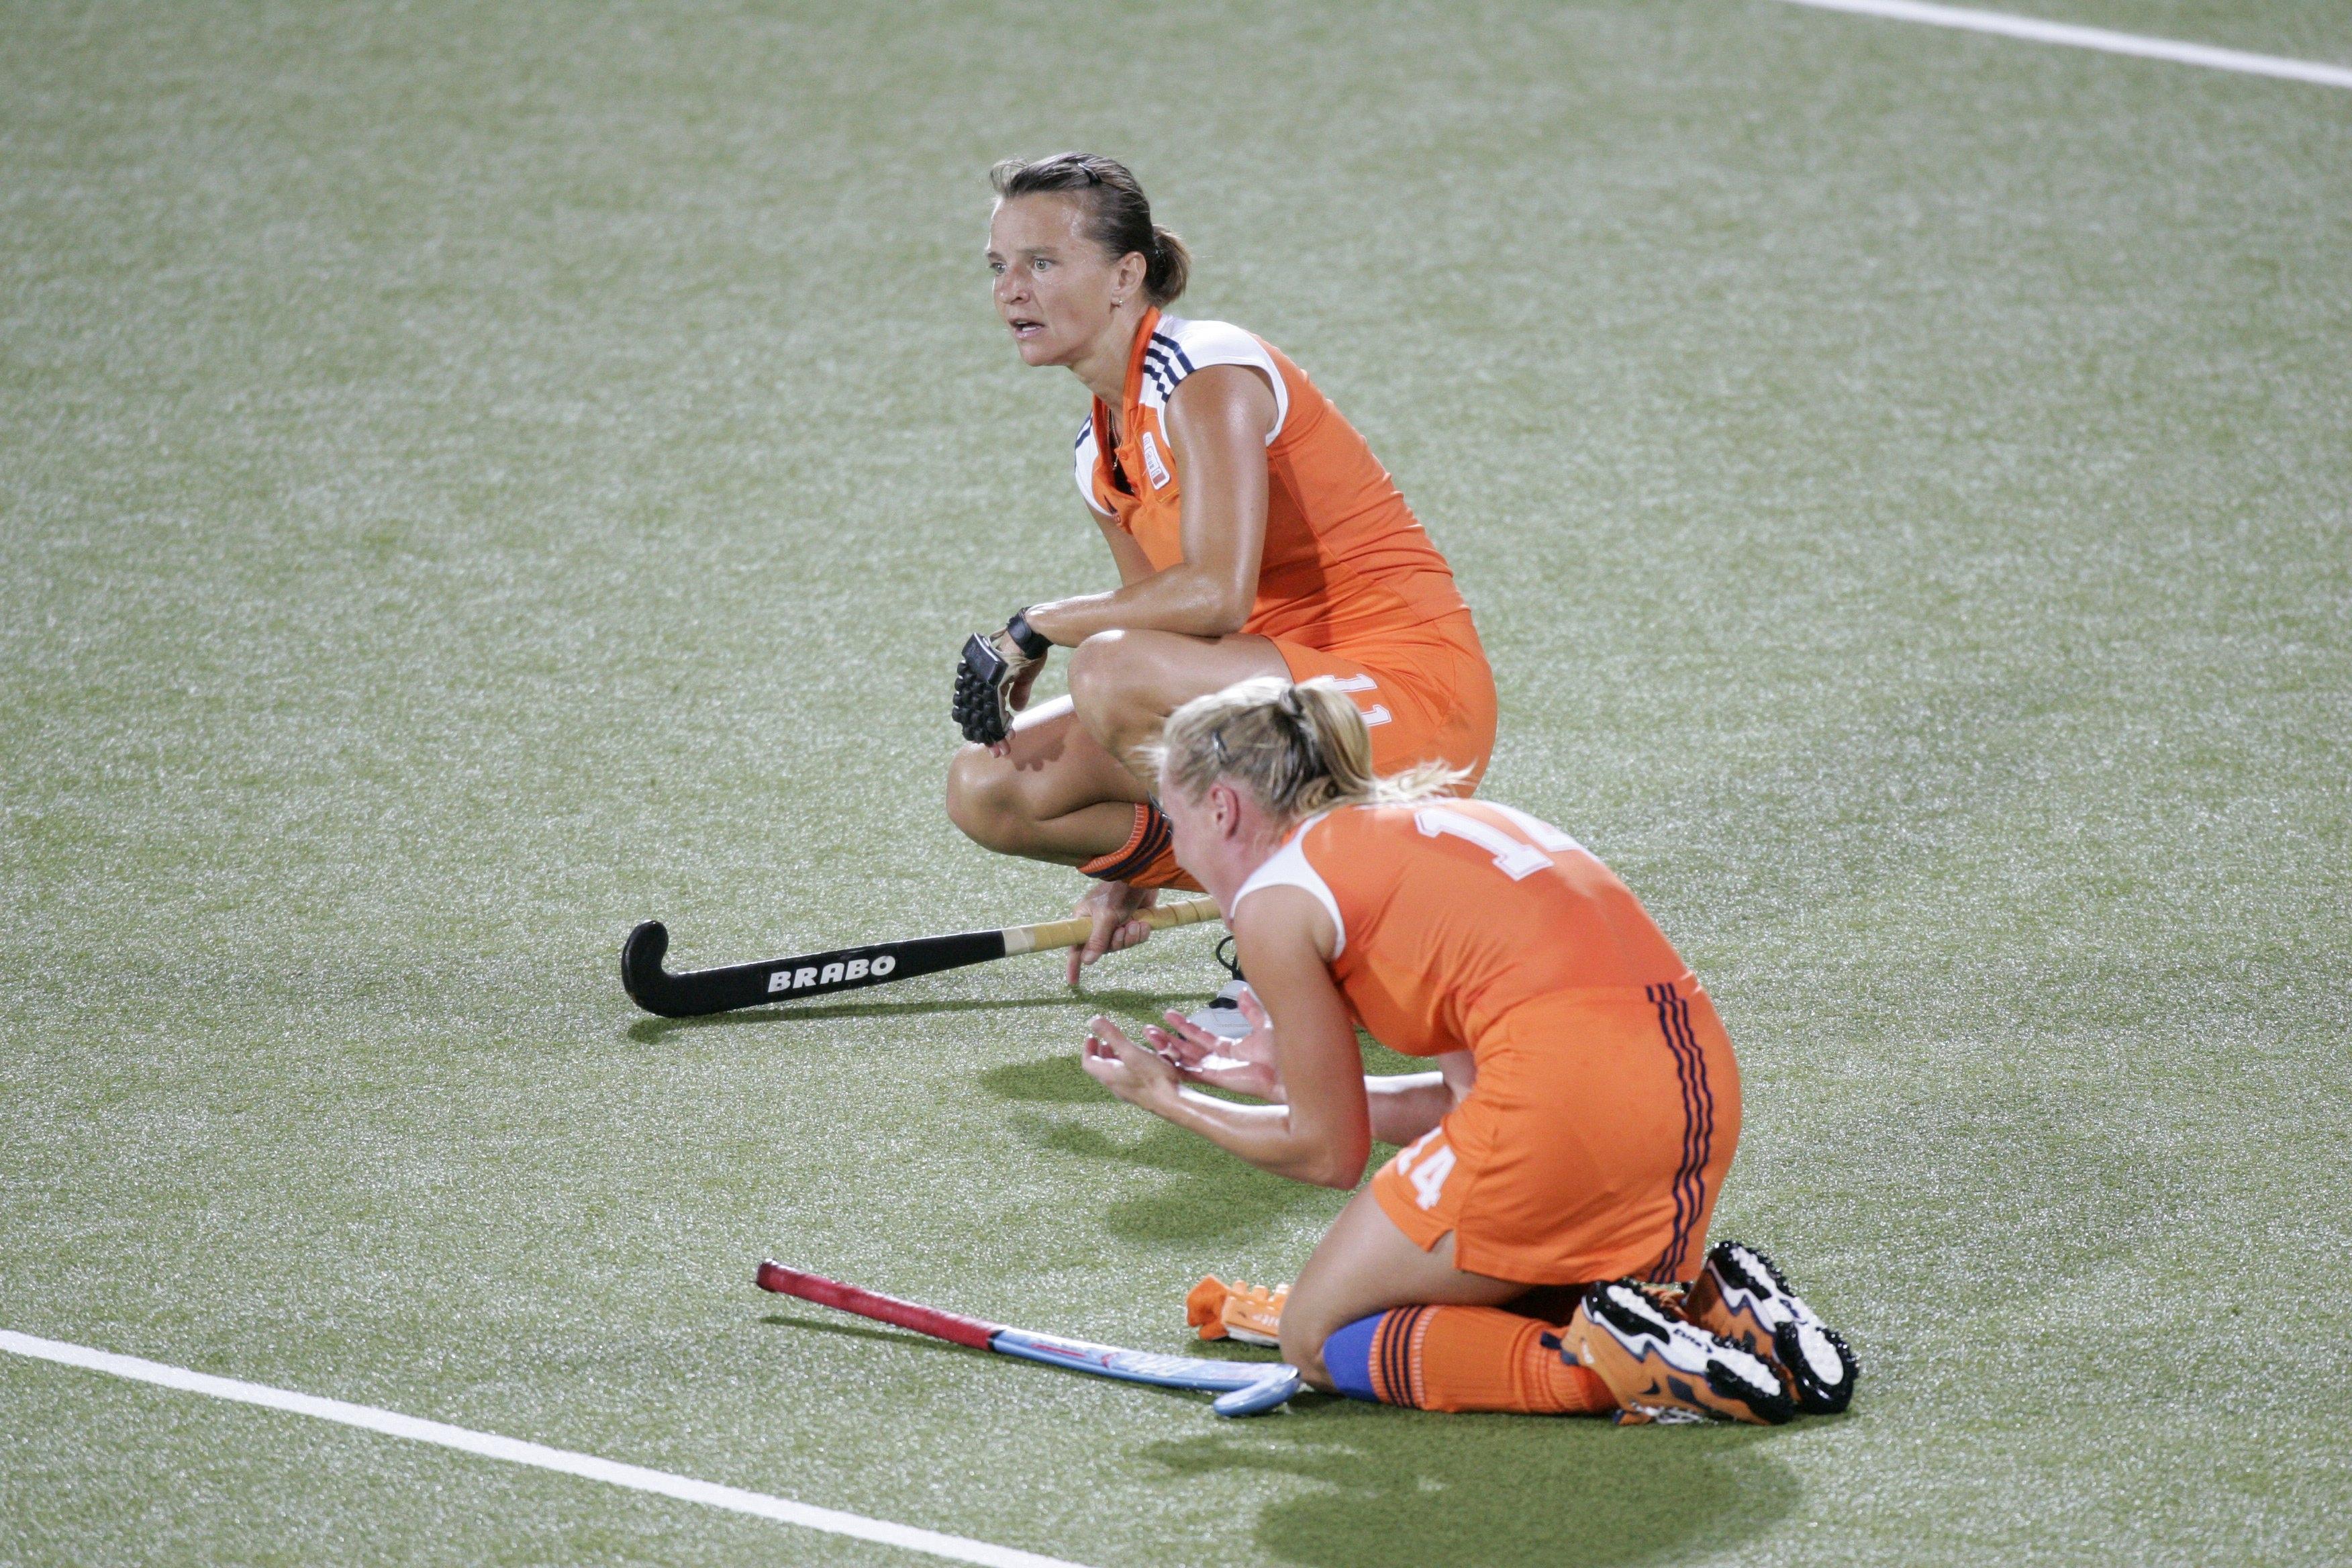 040826. Finale Olympische Spelen Athene, 2004. Nederland-Duitsland1-2. Nederland wordt tweede en de teleurstelling is groot.